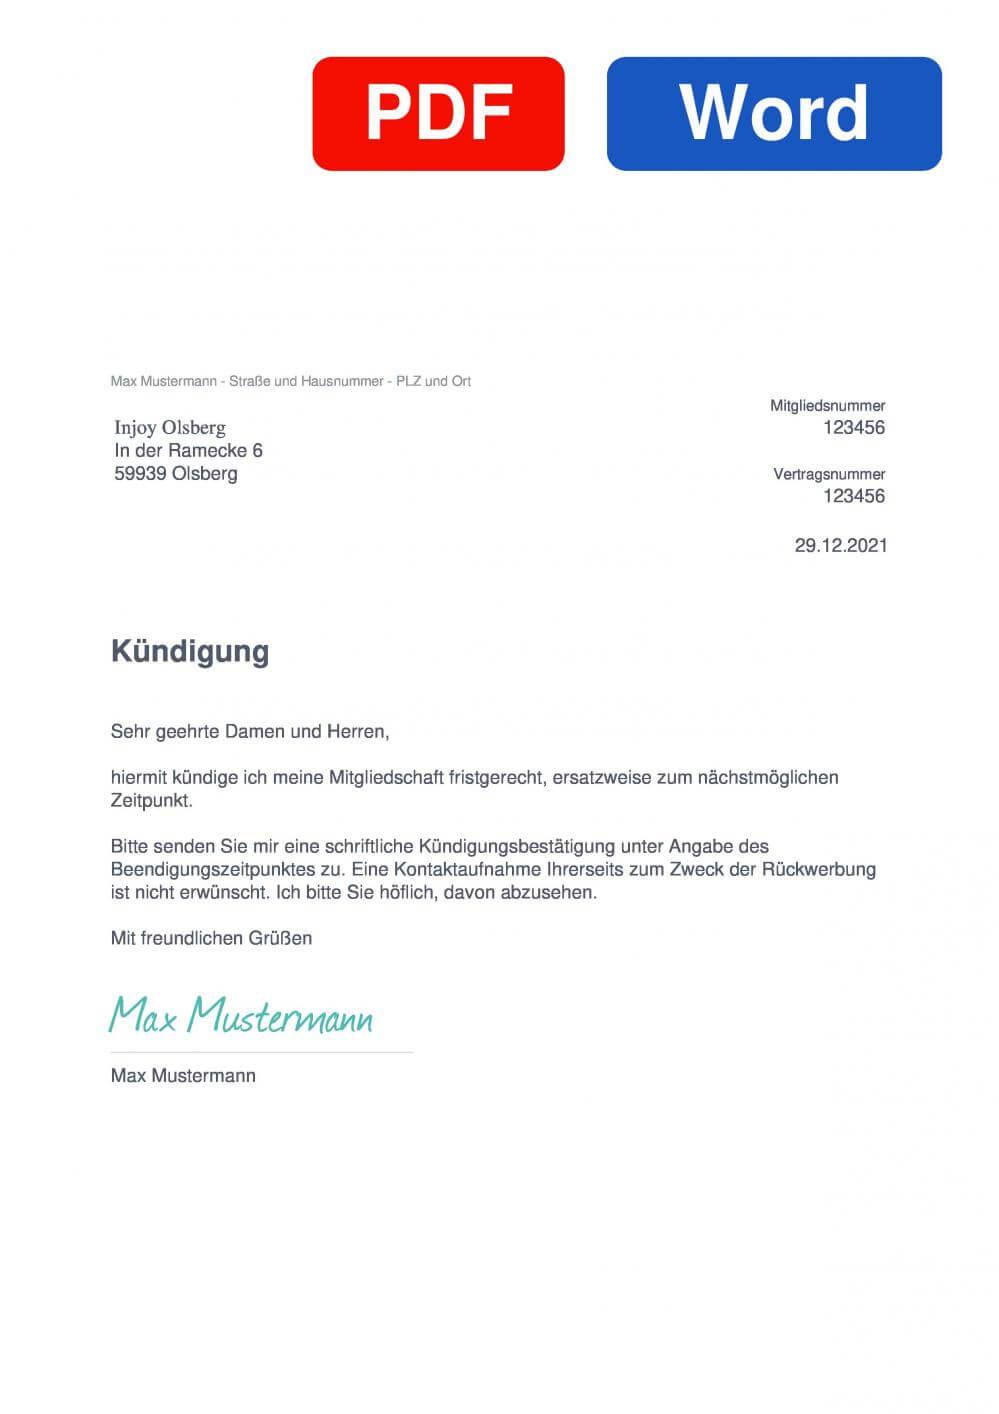 INJOY Olsberg Muster Vorlage für Kündigungsschreiben